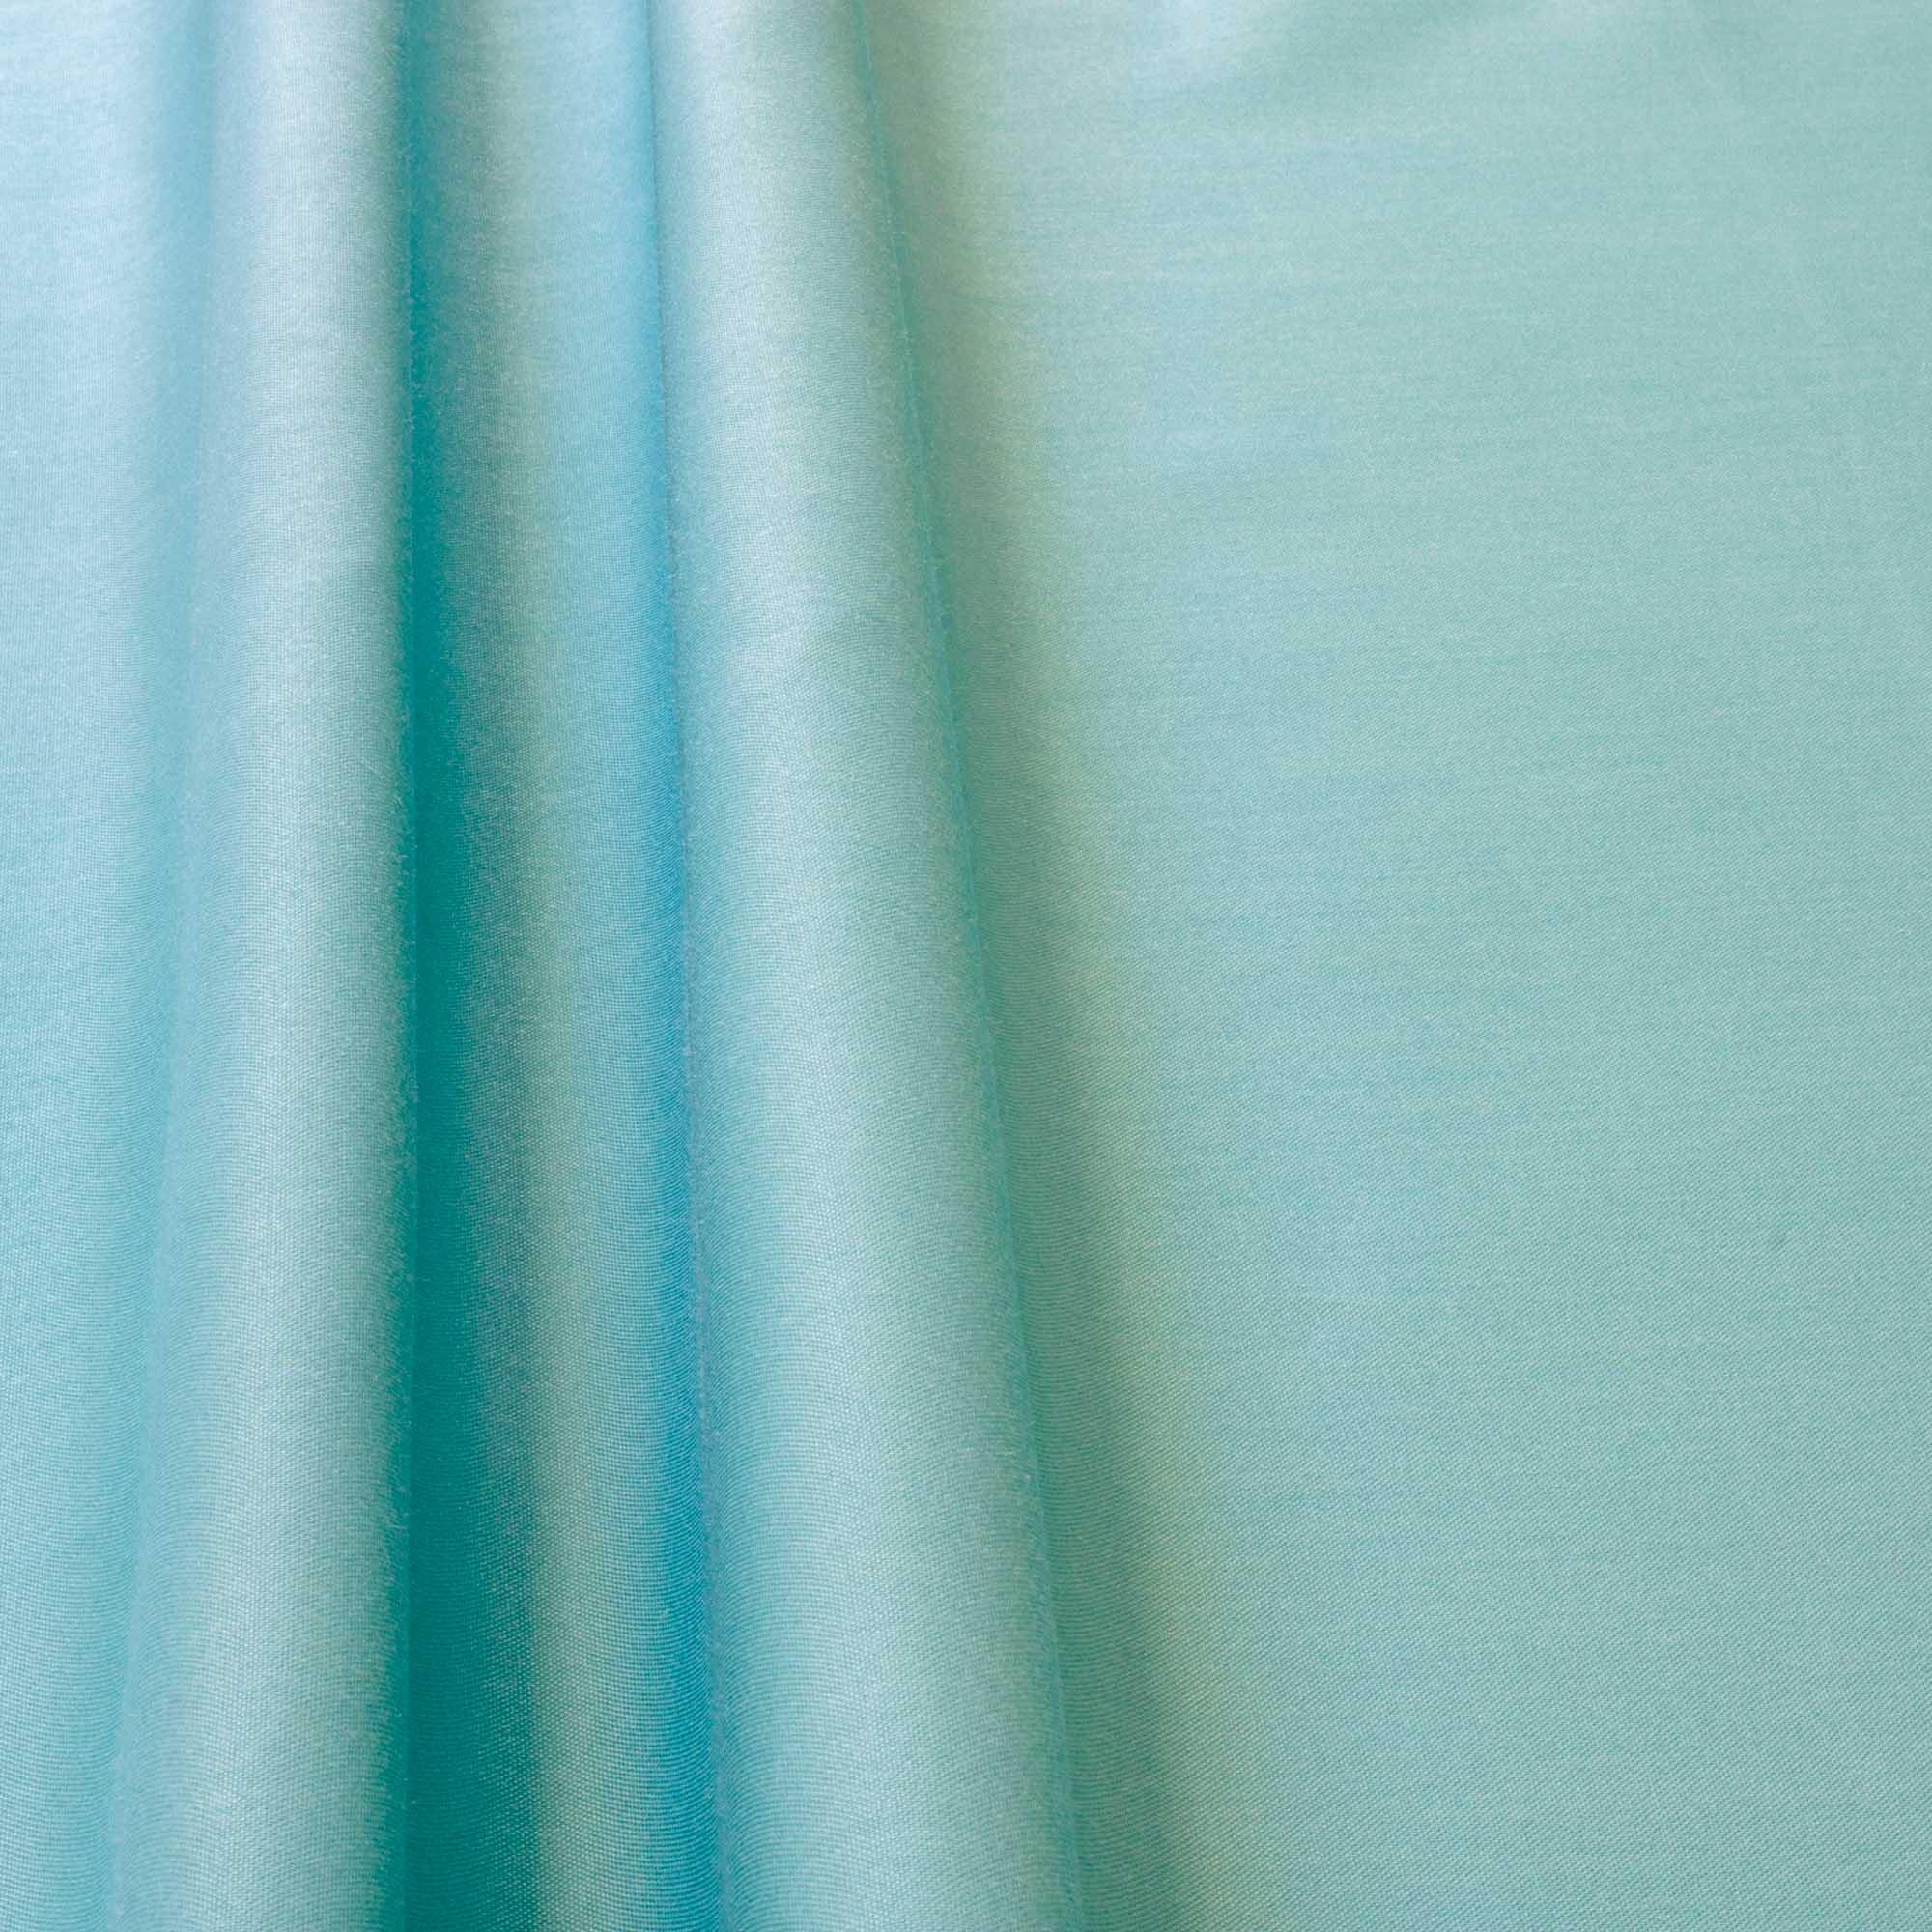 Tecido Tergal Azul Celeste 100% Poliester 1,40 m Largura